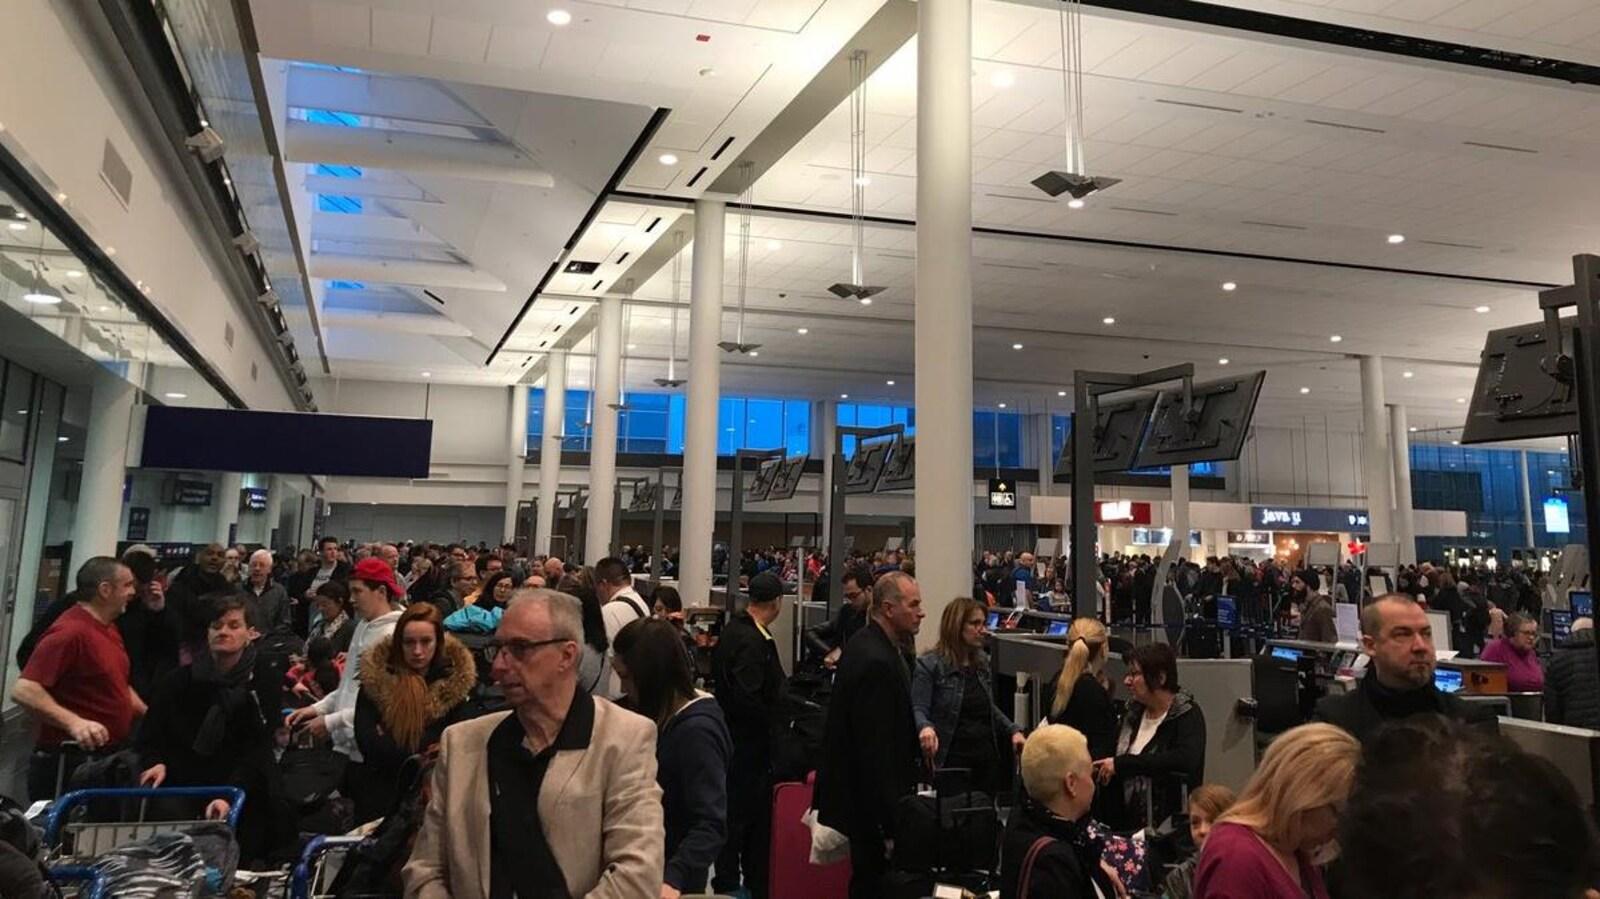 Plusieurs personnes attendent de pouvoir enregistrer leurs bagages à l'aéroport de Montréal.